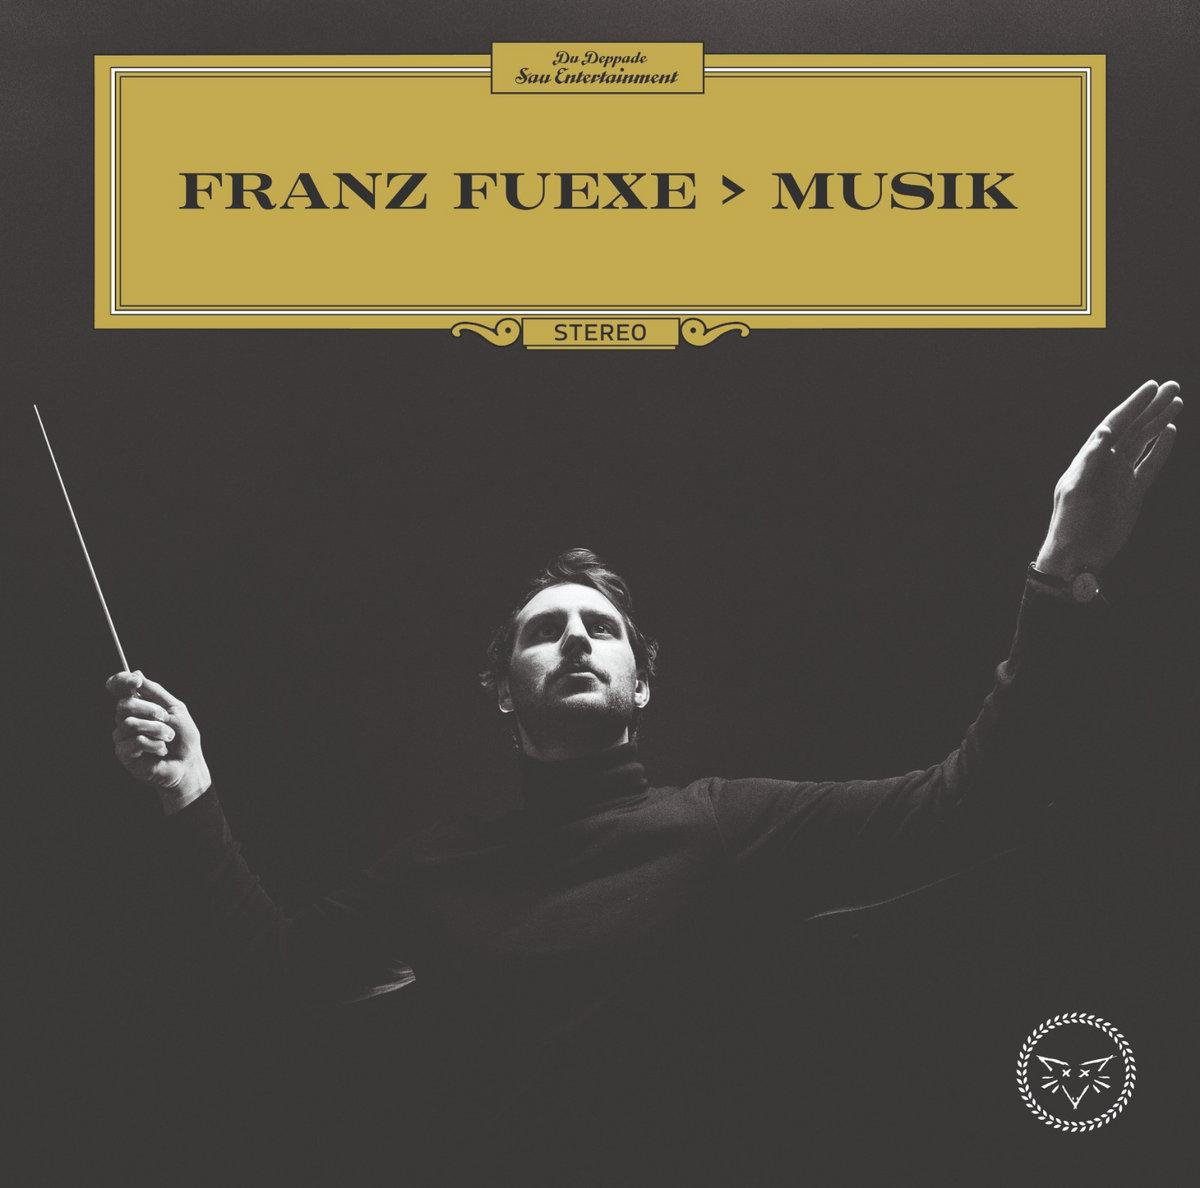 Fuexe > Musik | Franz Fuexe